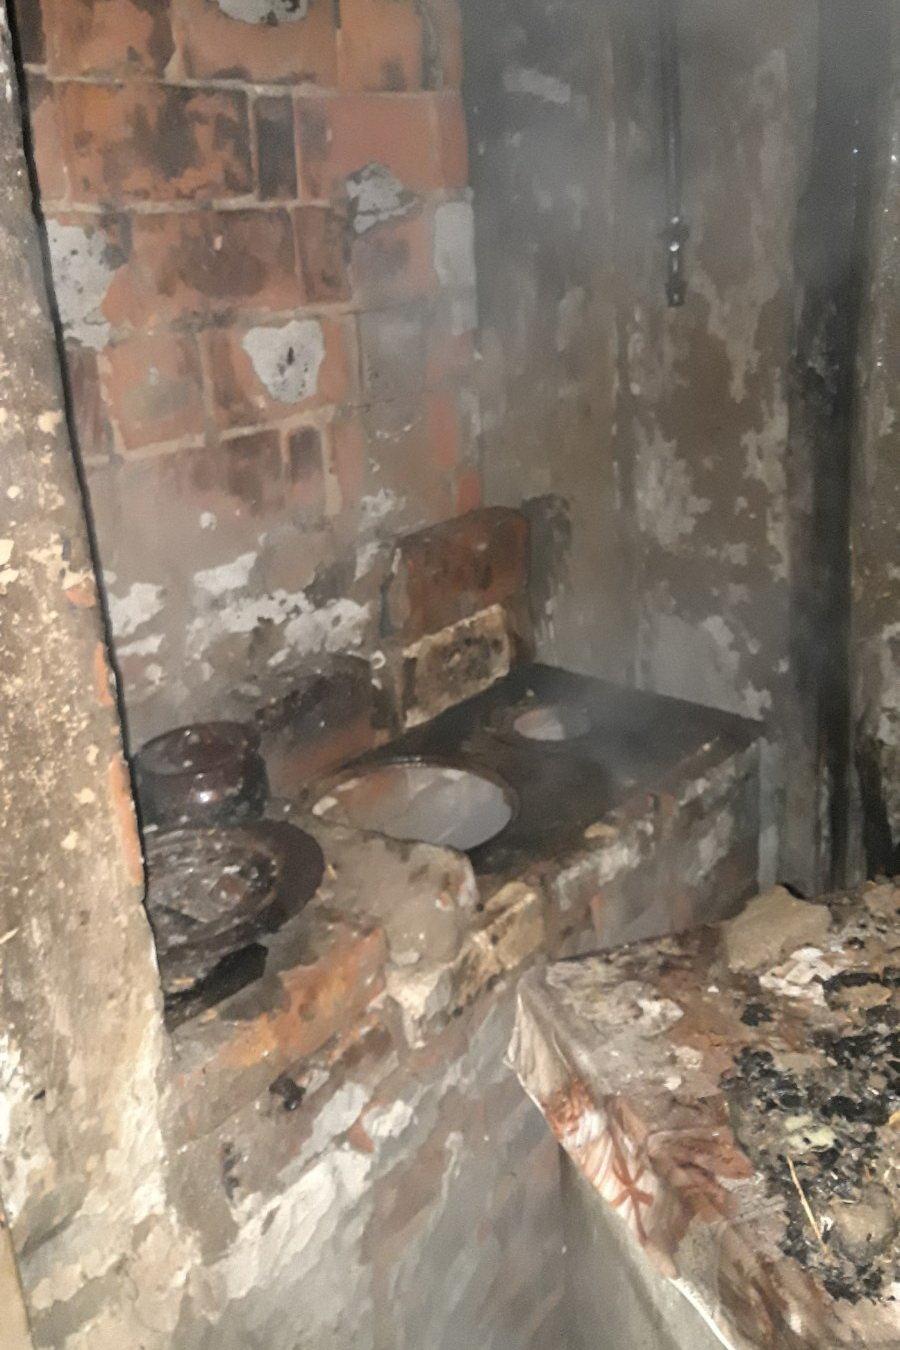 На Харьковщине спасатели несколько часов тушили пожар в доме: хозяйка отравилась угарным газом, - ФОТО, фото-2